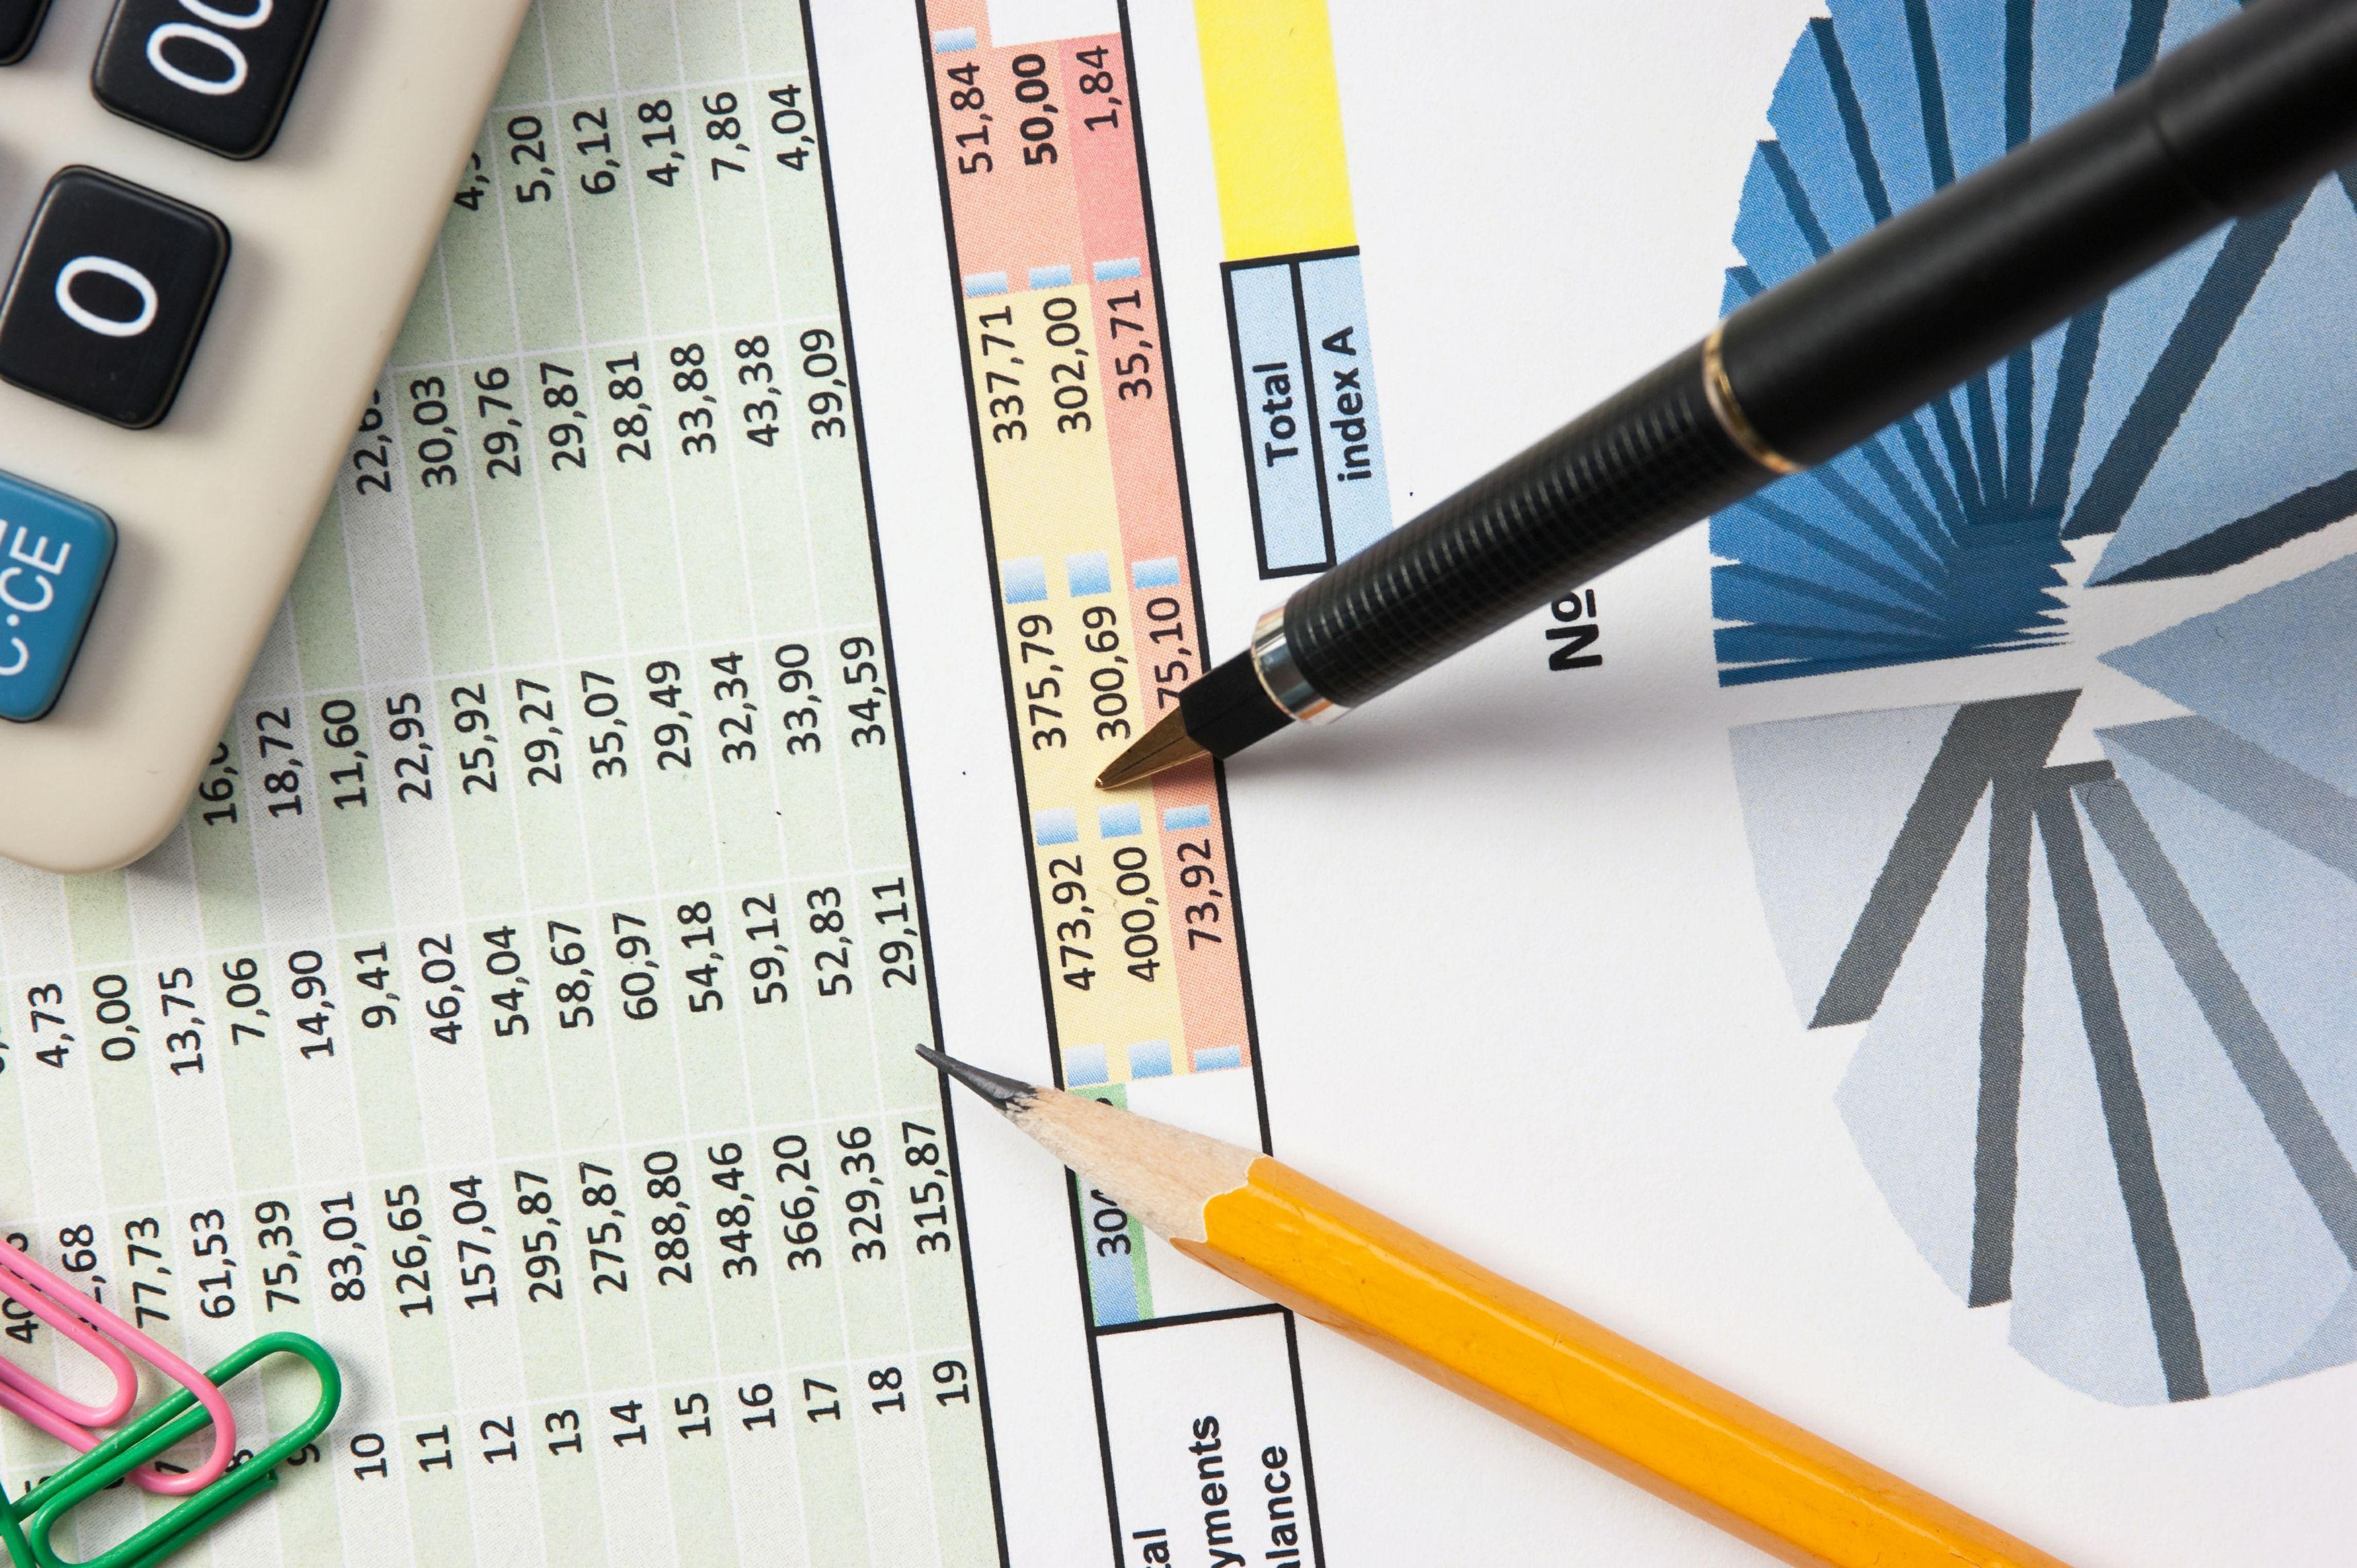 平安银行(000001.SZ)一季度净利润升12.9%至74.46亿元  拨备覆盖率达170.59%